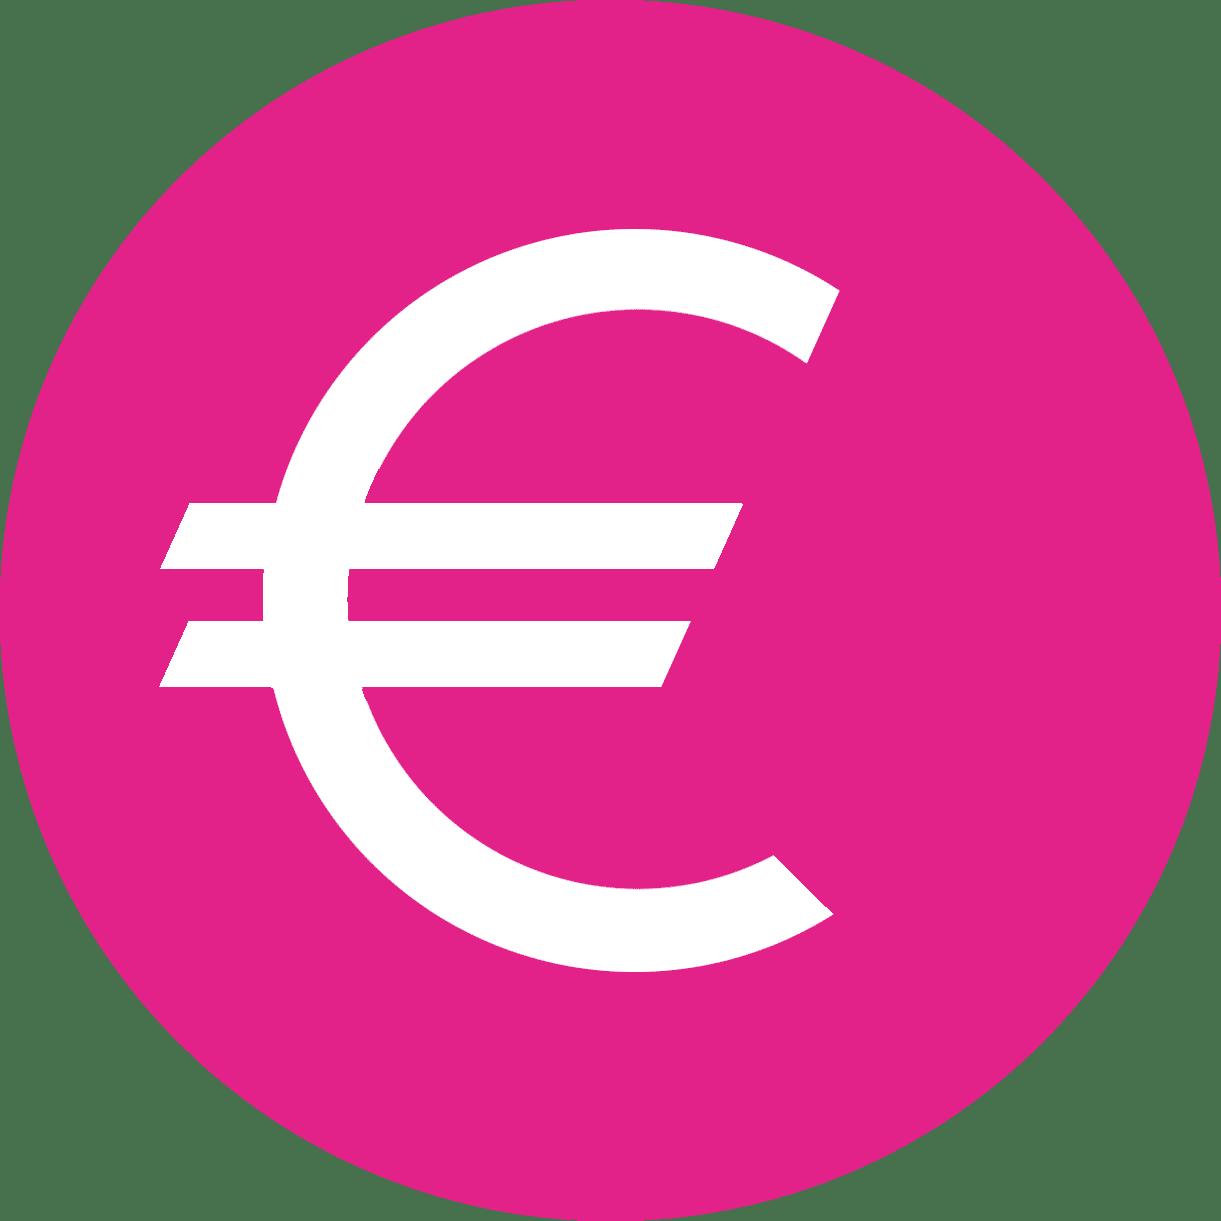 Pictos euros blanc fond rose